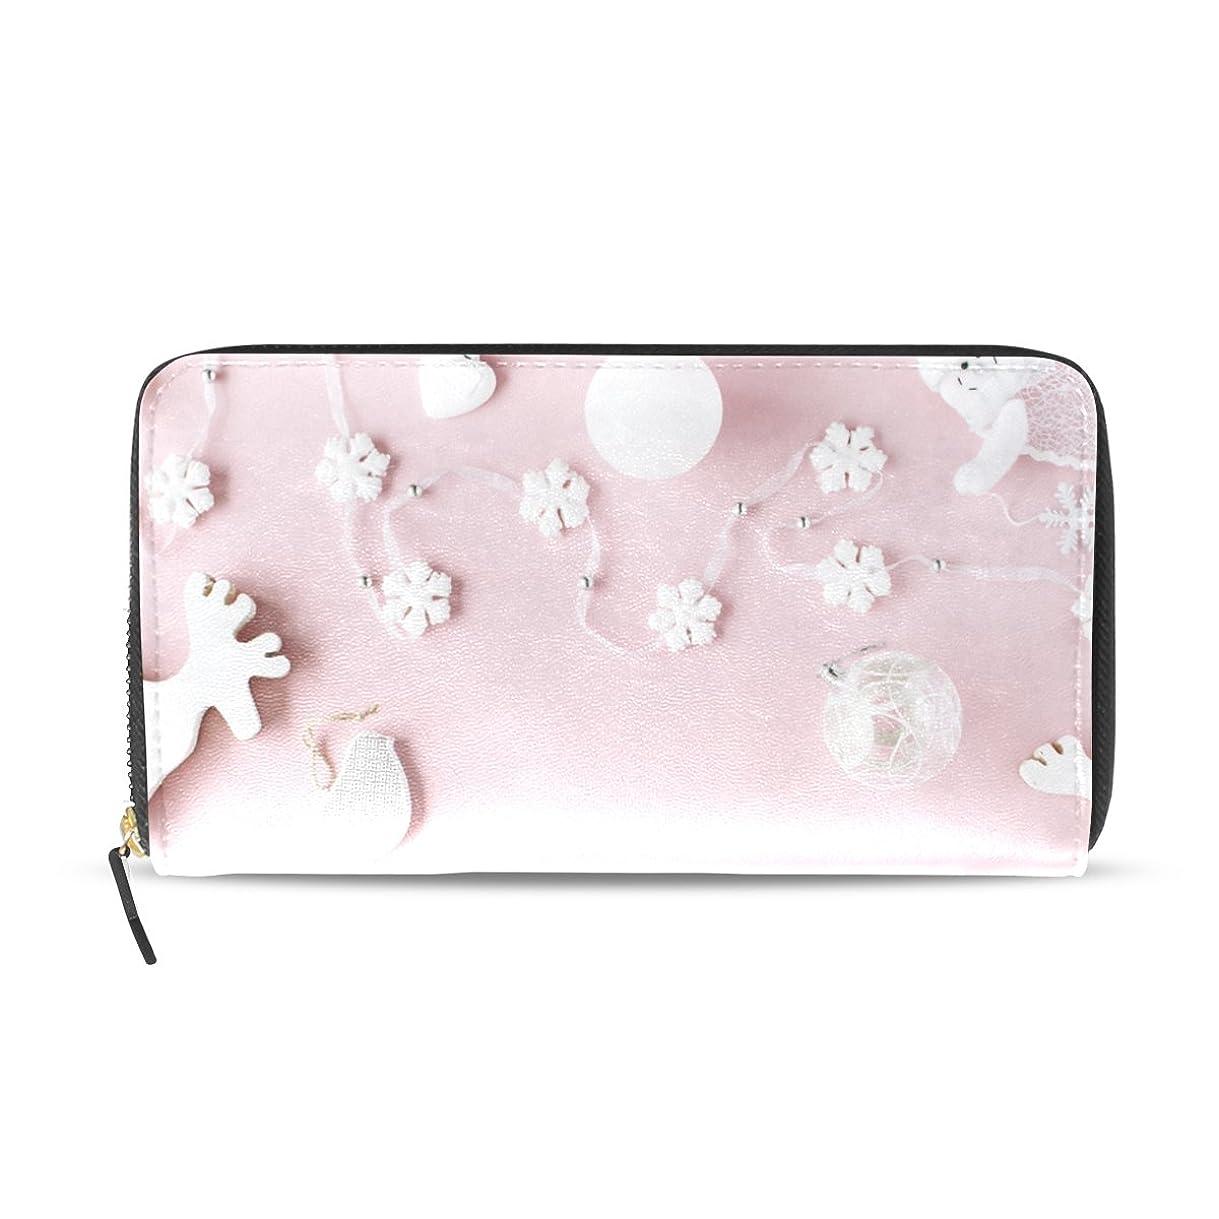 爆発物目的適用済み旅立の店 長財布 人気 レディース メンズ 大容量多機能 二つ折り ラウンドファスナー PUレザー  ピンクの背景に白い装飾物 プリント ウォレット